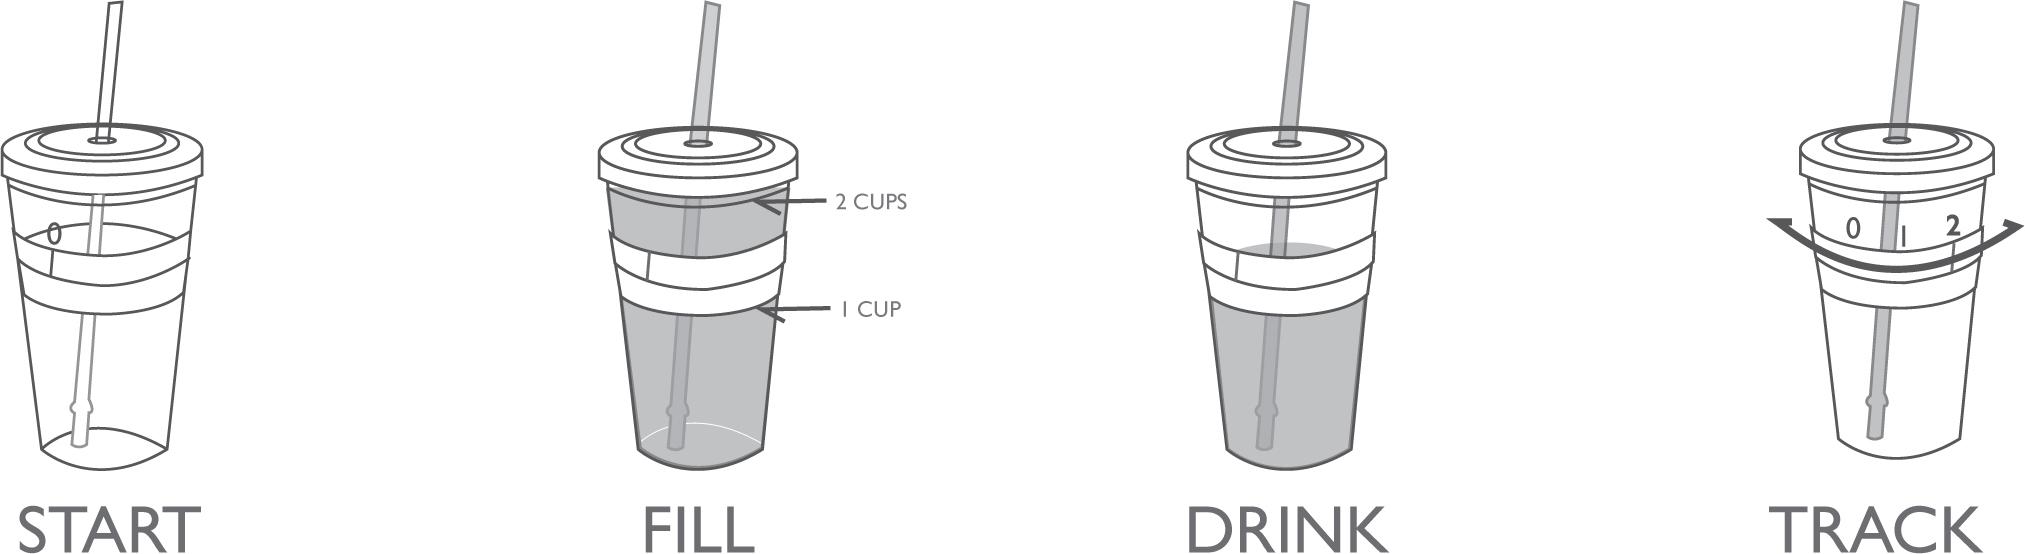 start-fill-drink-track